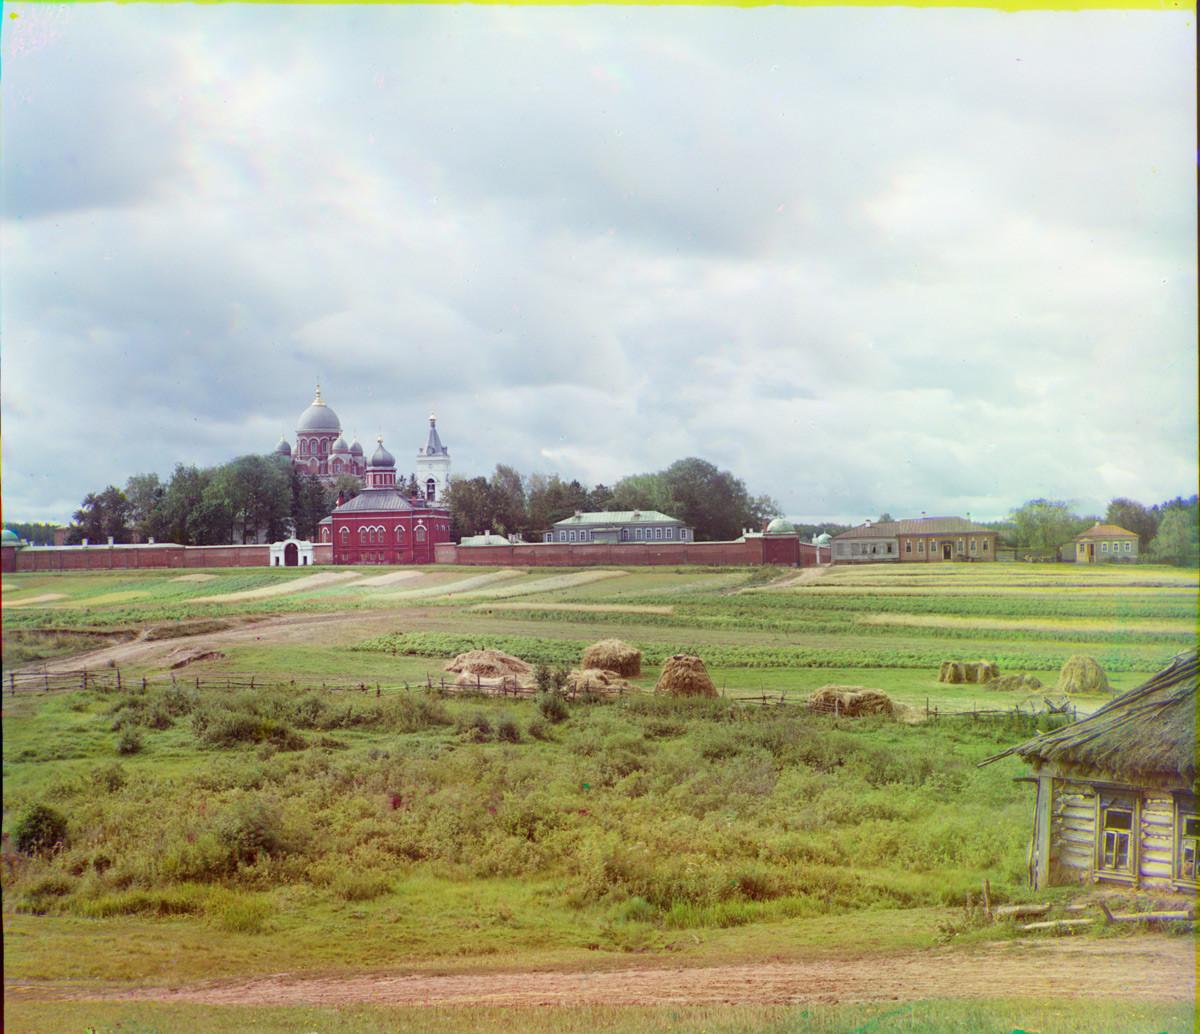 救世主ボロジノ修道院、北の景観。北の壁、前駆授洗イオアン(洗礼者ヨハネ)斬首記念教会とウラジーミルの聖母イコン大聖堂(背景)。1911年夏。